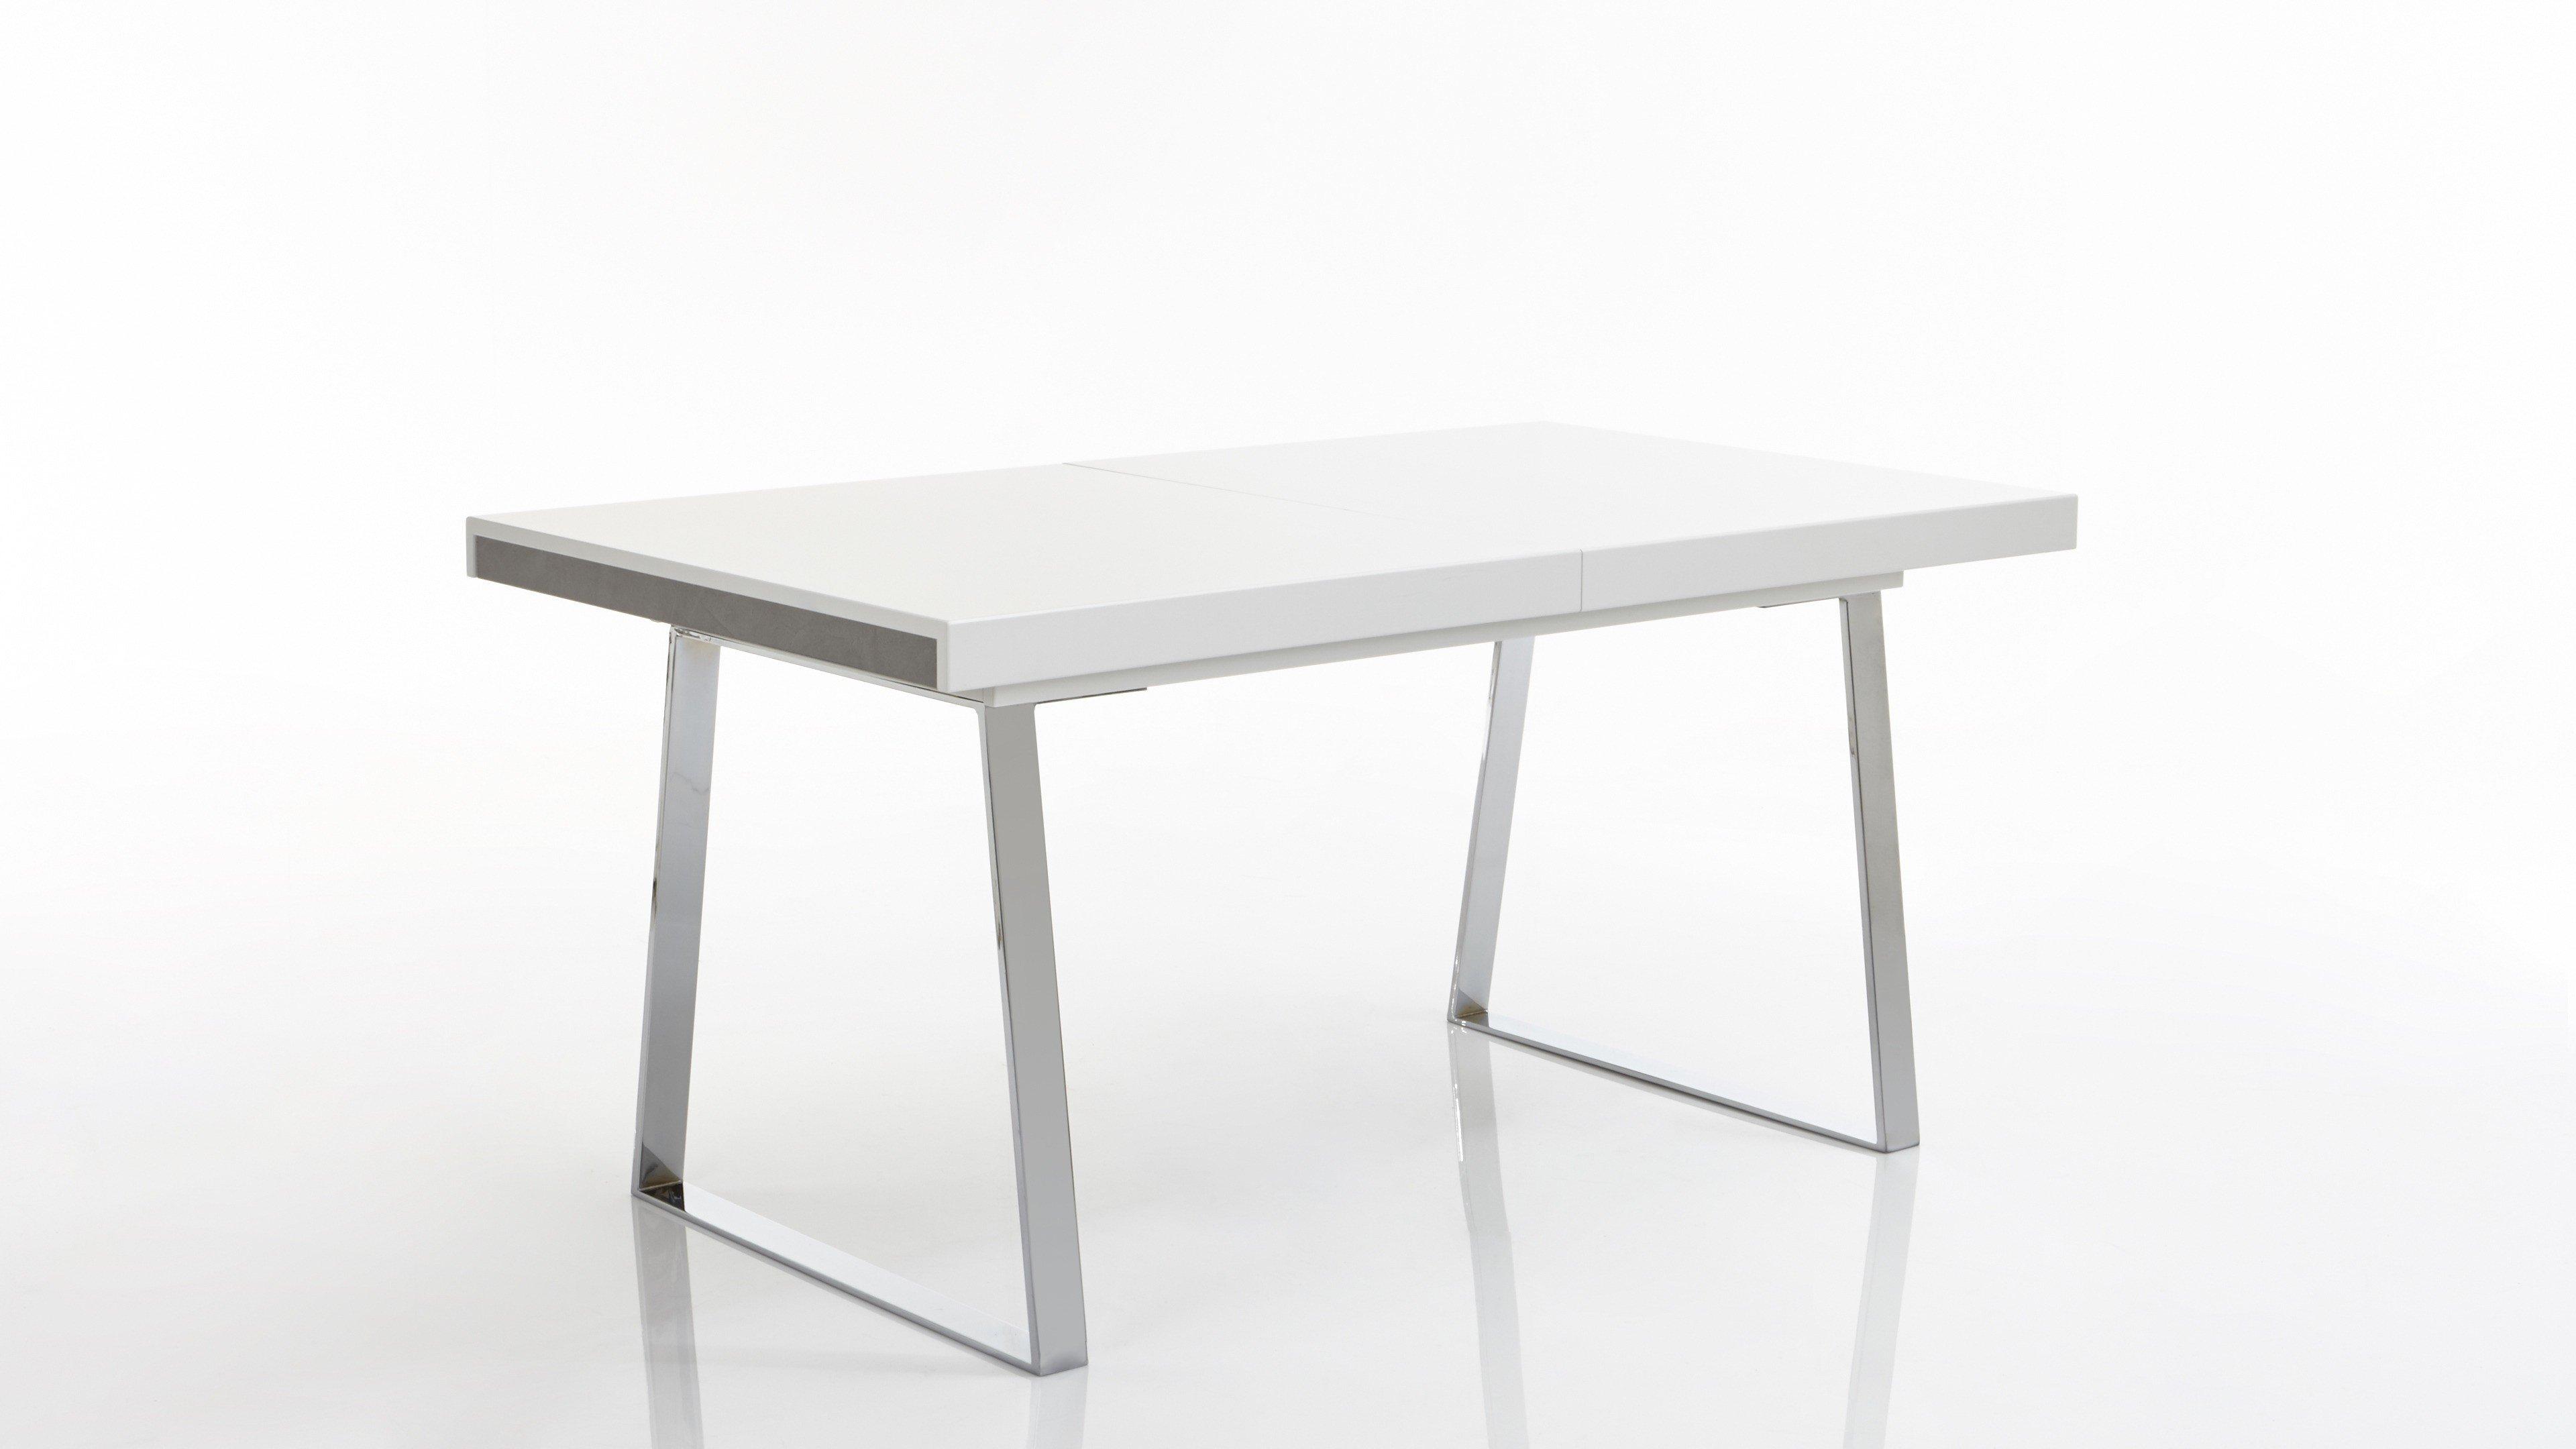 Esstisch V 8 018 - Weiß Mattlack